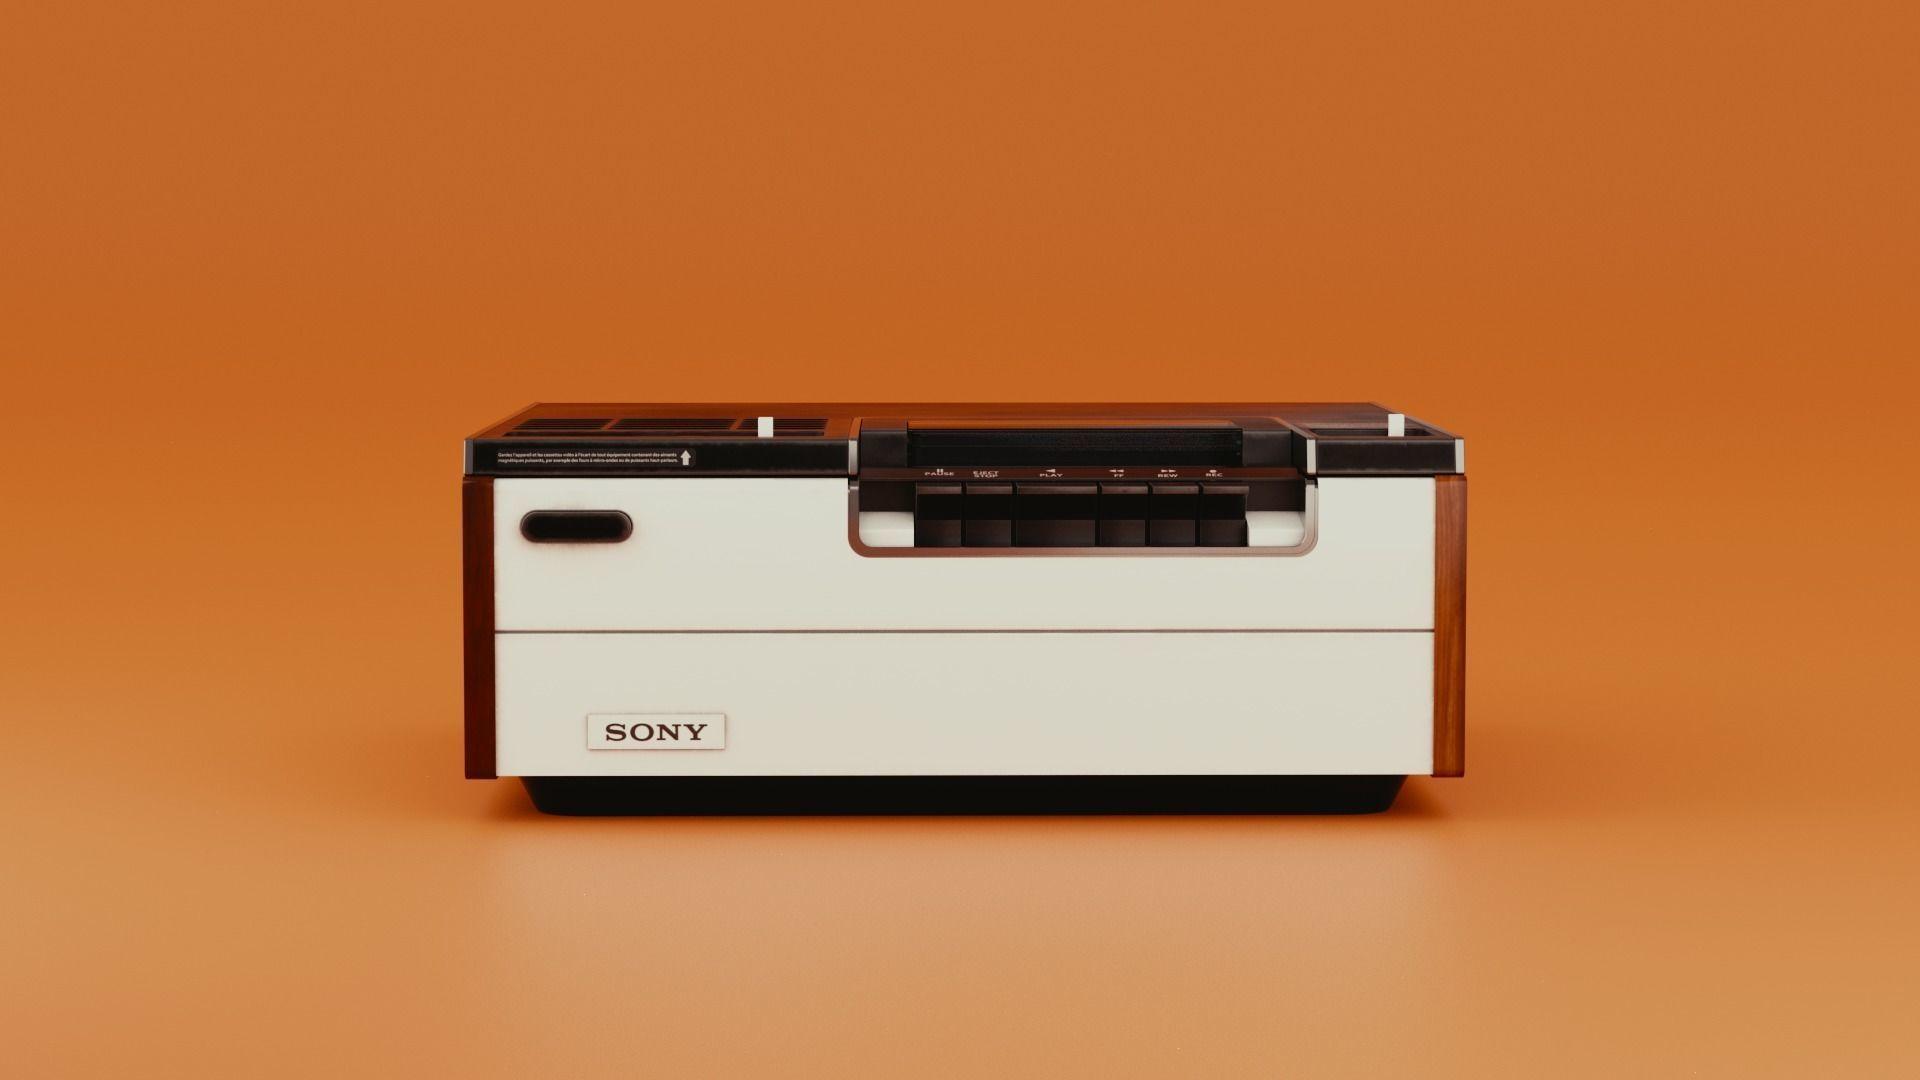 old-video-recorder-3d-model-obj-mtl-fbx-stl-blend (1).jpg